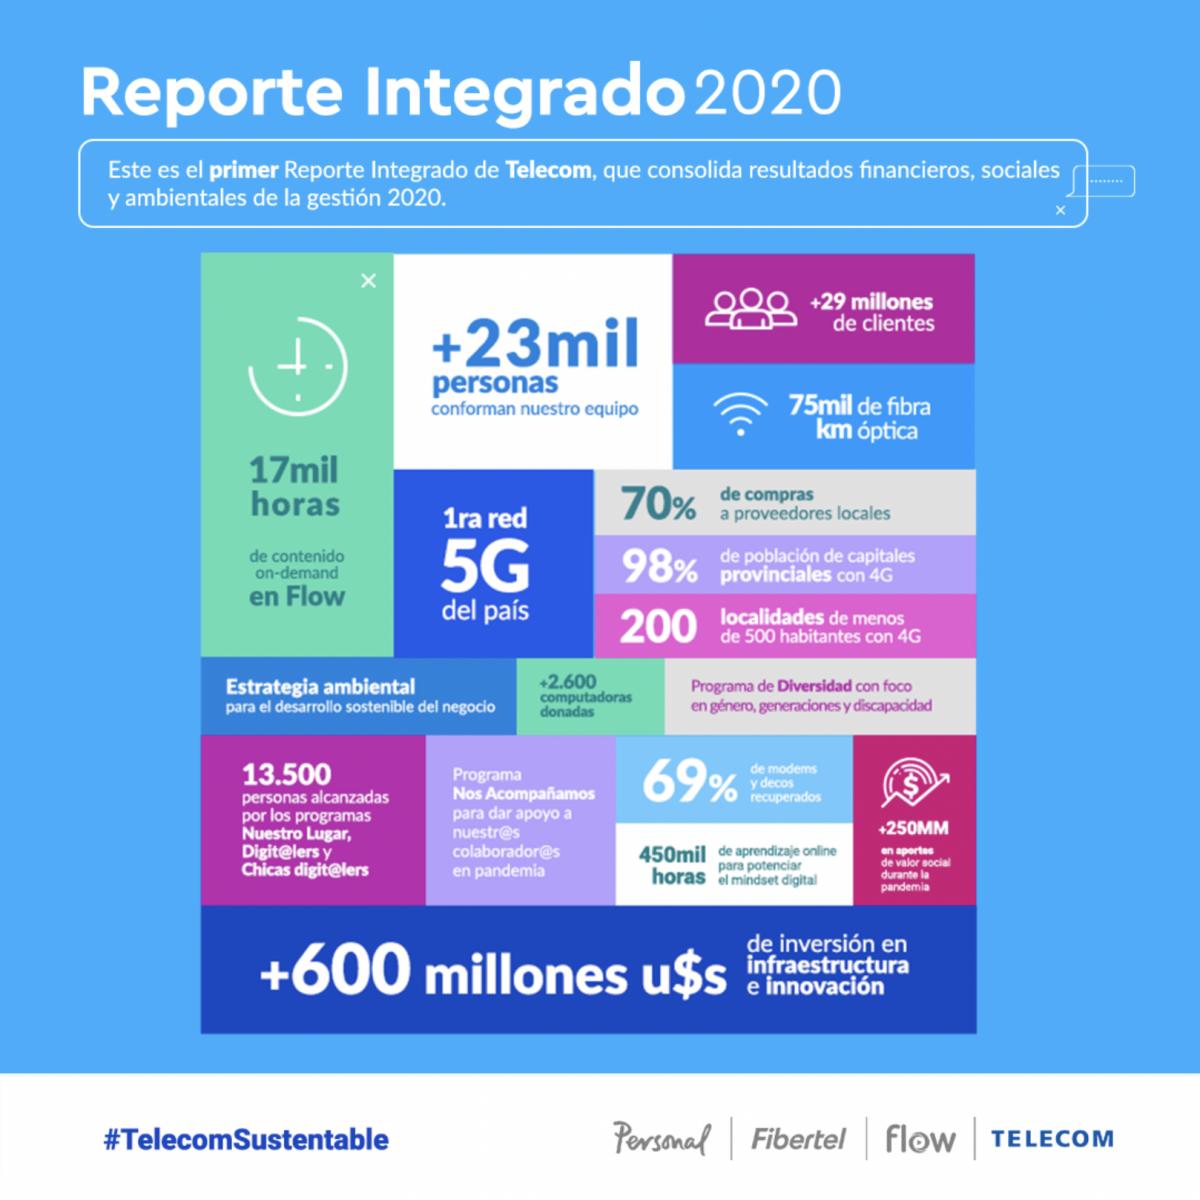 reporte integrado Telecom